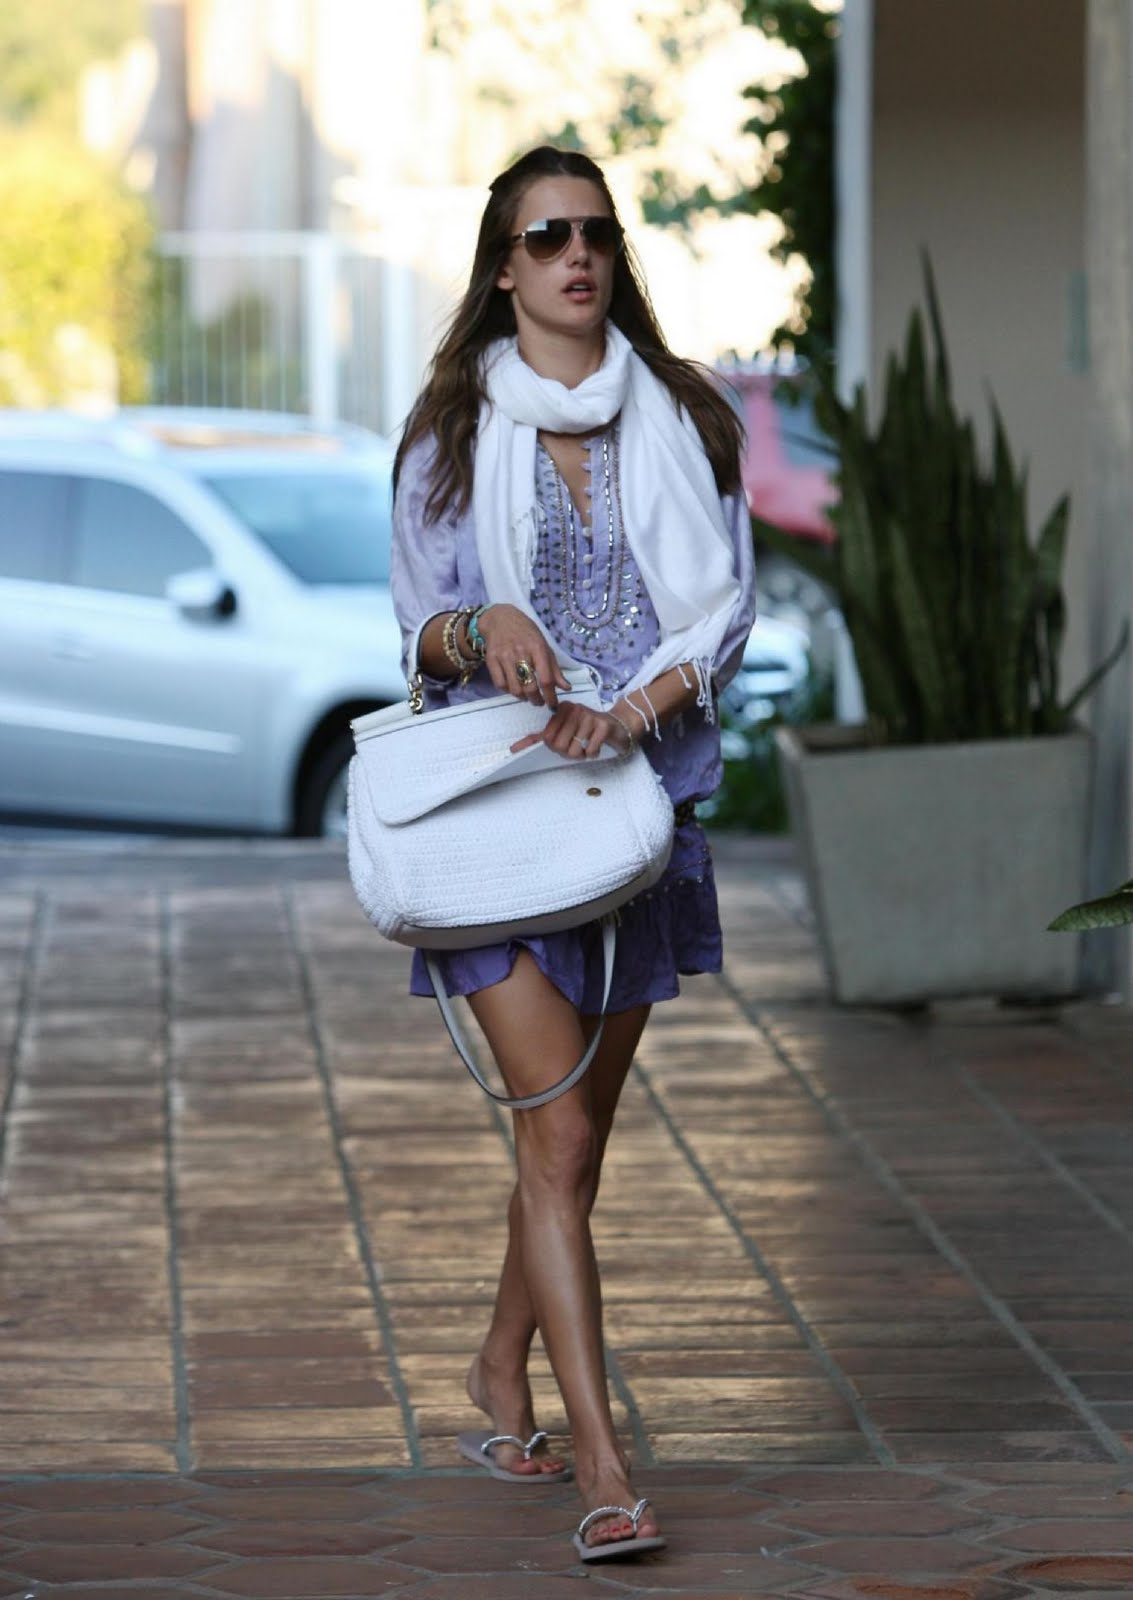 http://3.bp.blogspot.com/-azk4u4r9p08/TeaX8-lWjBI/AAAAAAAAKgk/bzIF5kwgvSs/s1600/Alessandra+Ambrosio+with+her+daughter+at+a+park+in+Malibu+%25283%2529.jpg